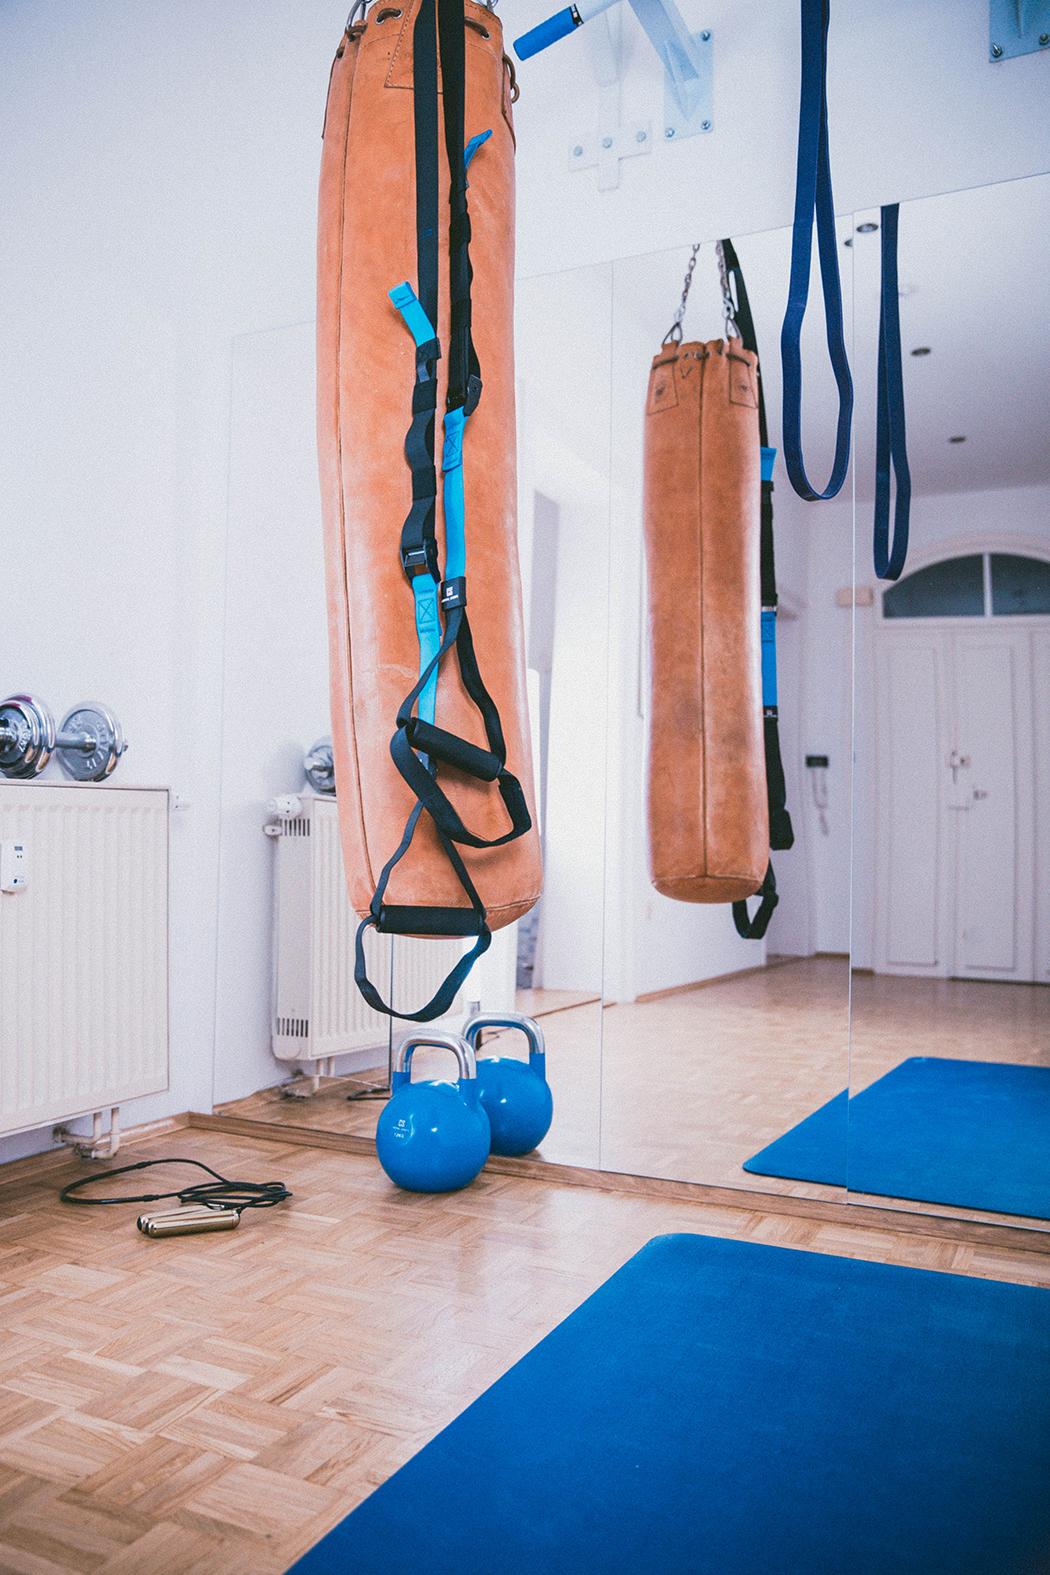 Fitnessblog-Fitnessblogger-Fitness-Blog-Blogger-Muenchen-Deutschland-Captial-Sports-Homegym-Lindarella-12-web